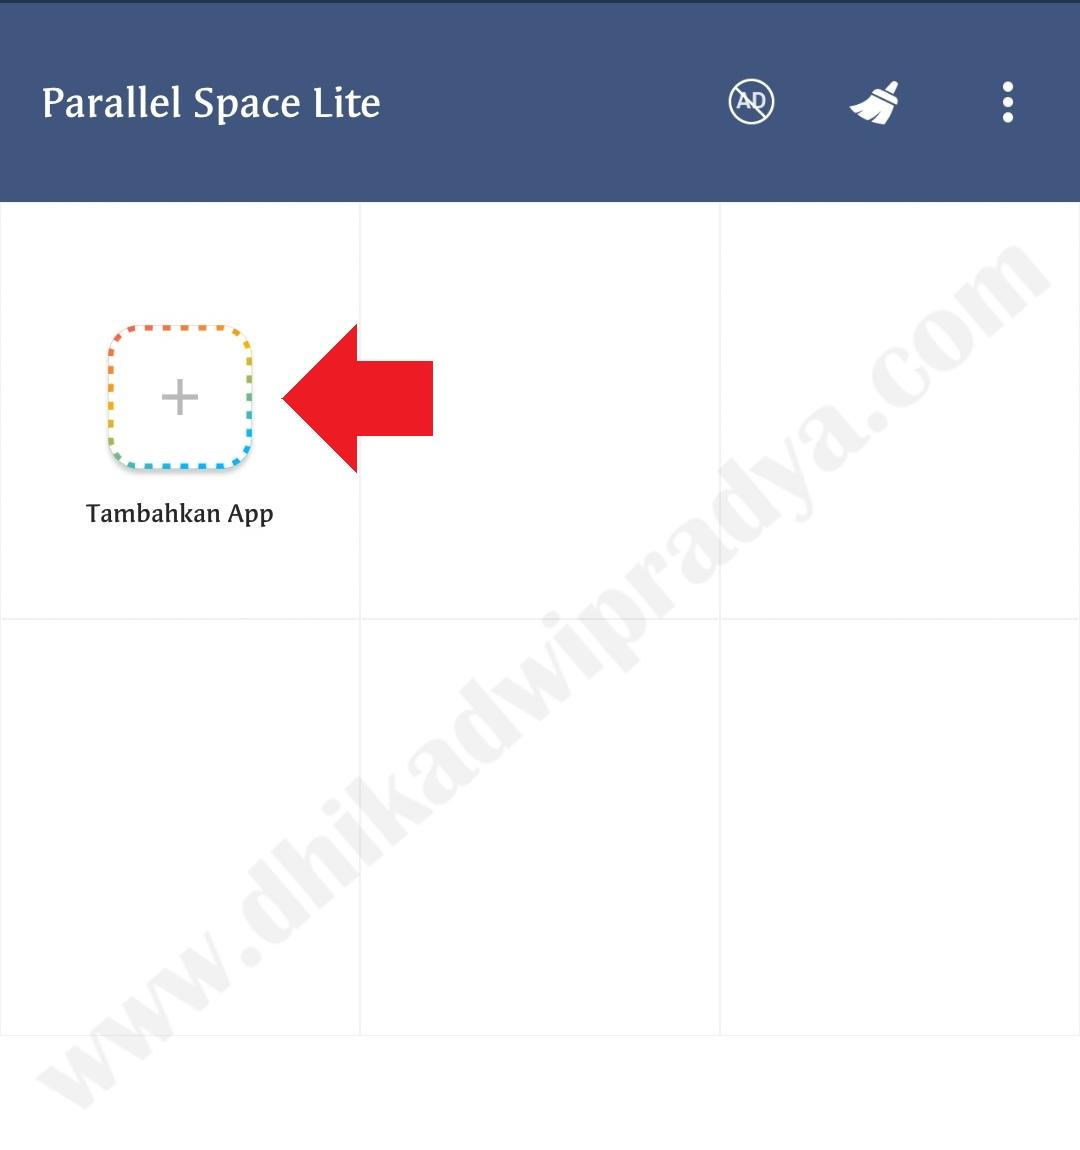 cara-mengkloning-5-aplikasi-whatsapp-dalam-1-android4-dhikadwipradya